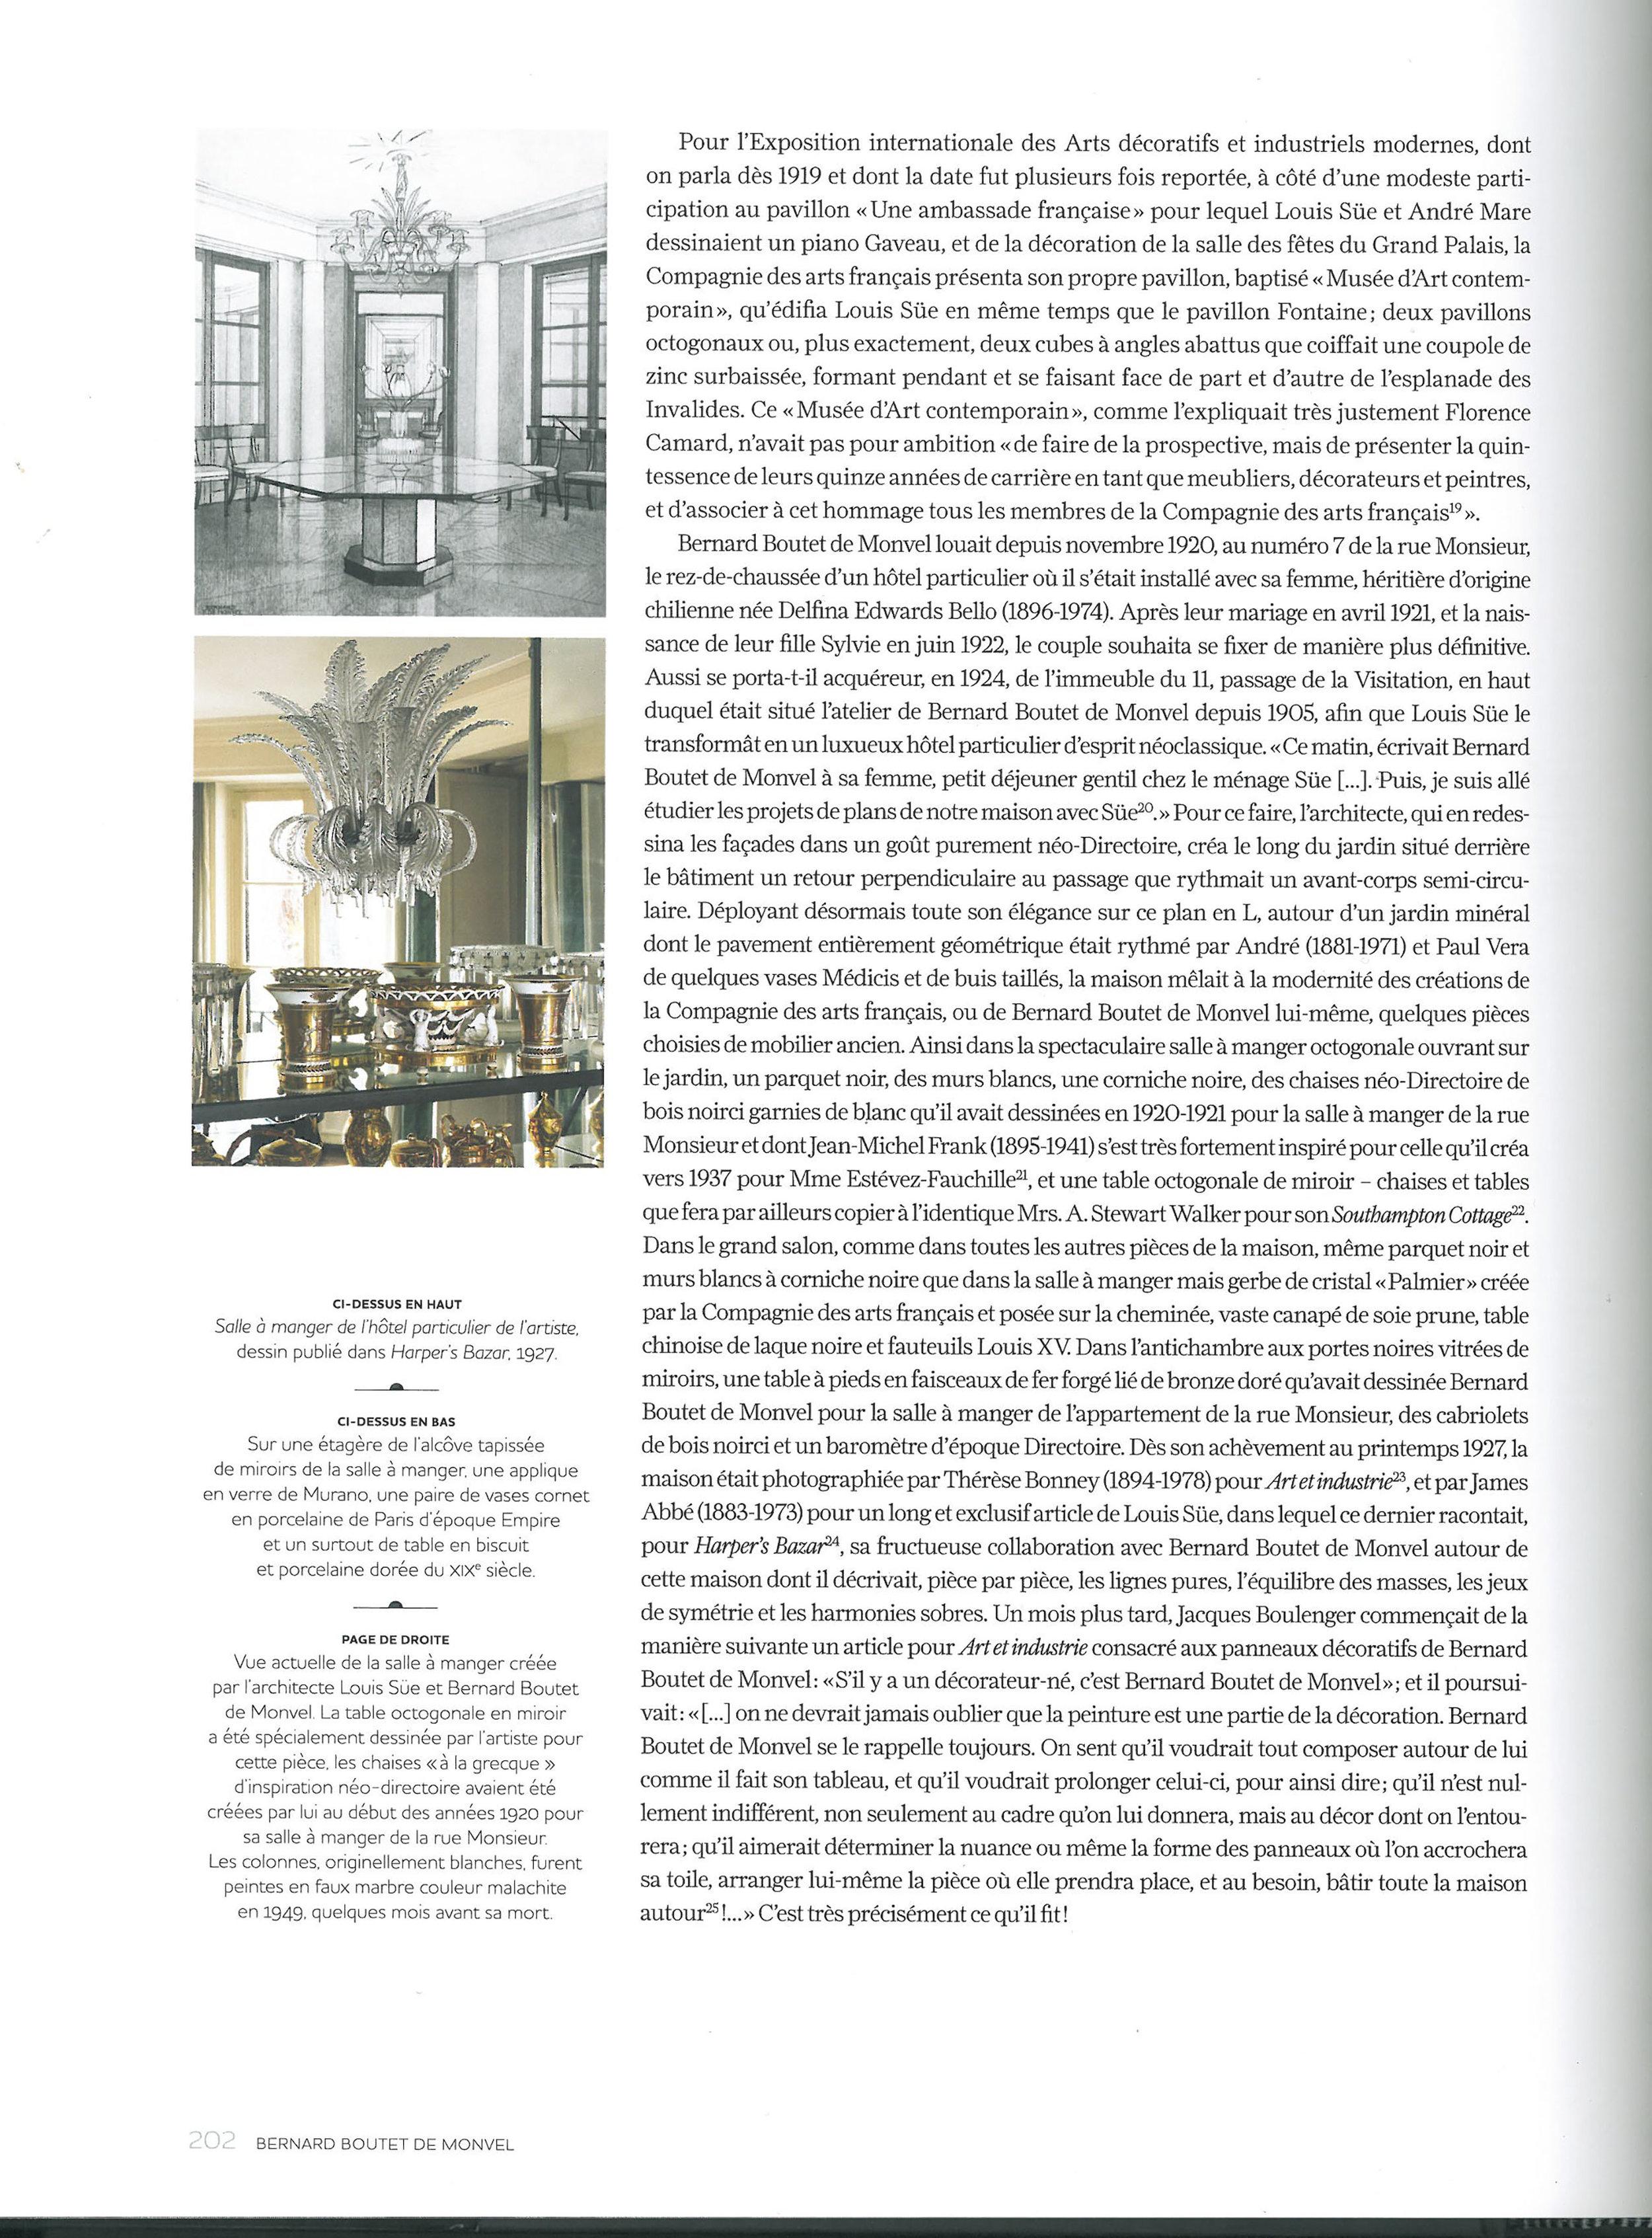 Documentation Salle a manger Boutet de Monvel.jpg